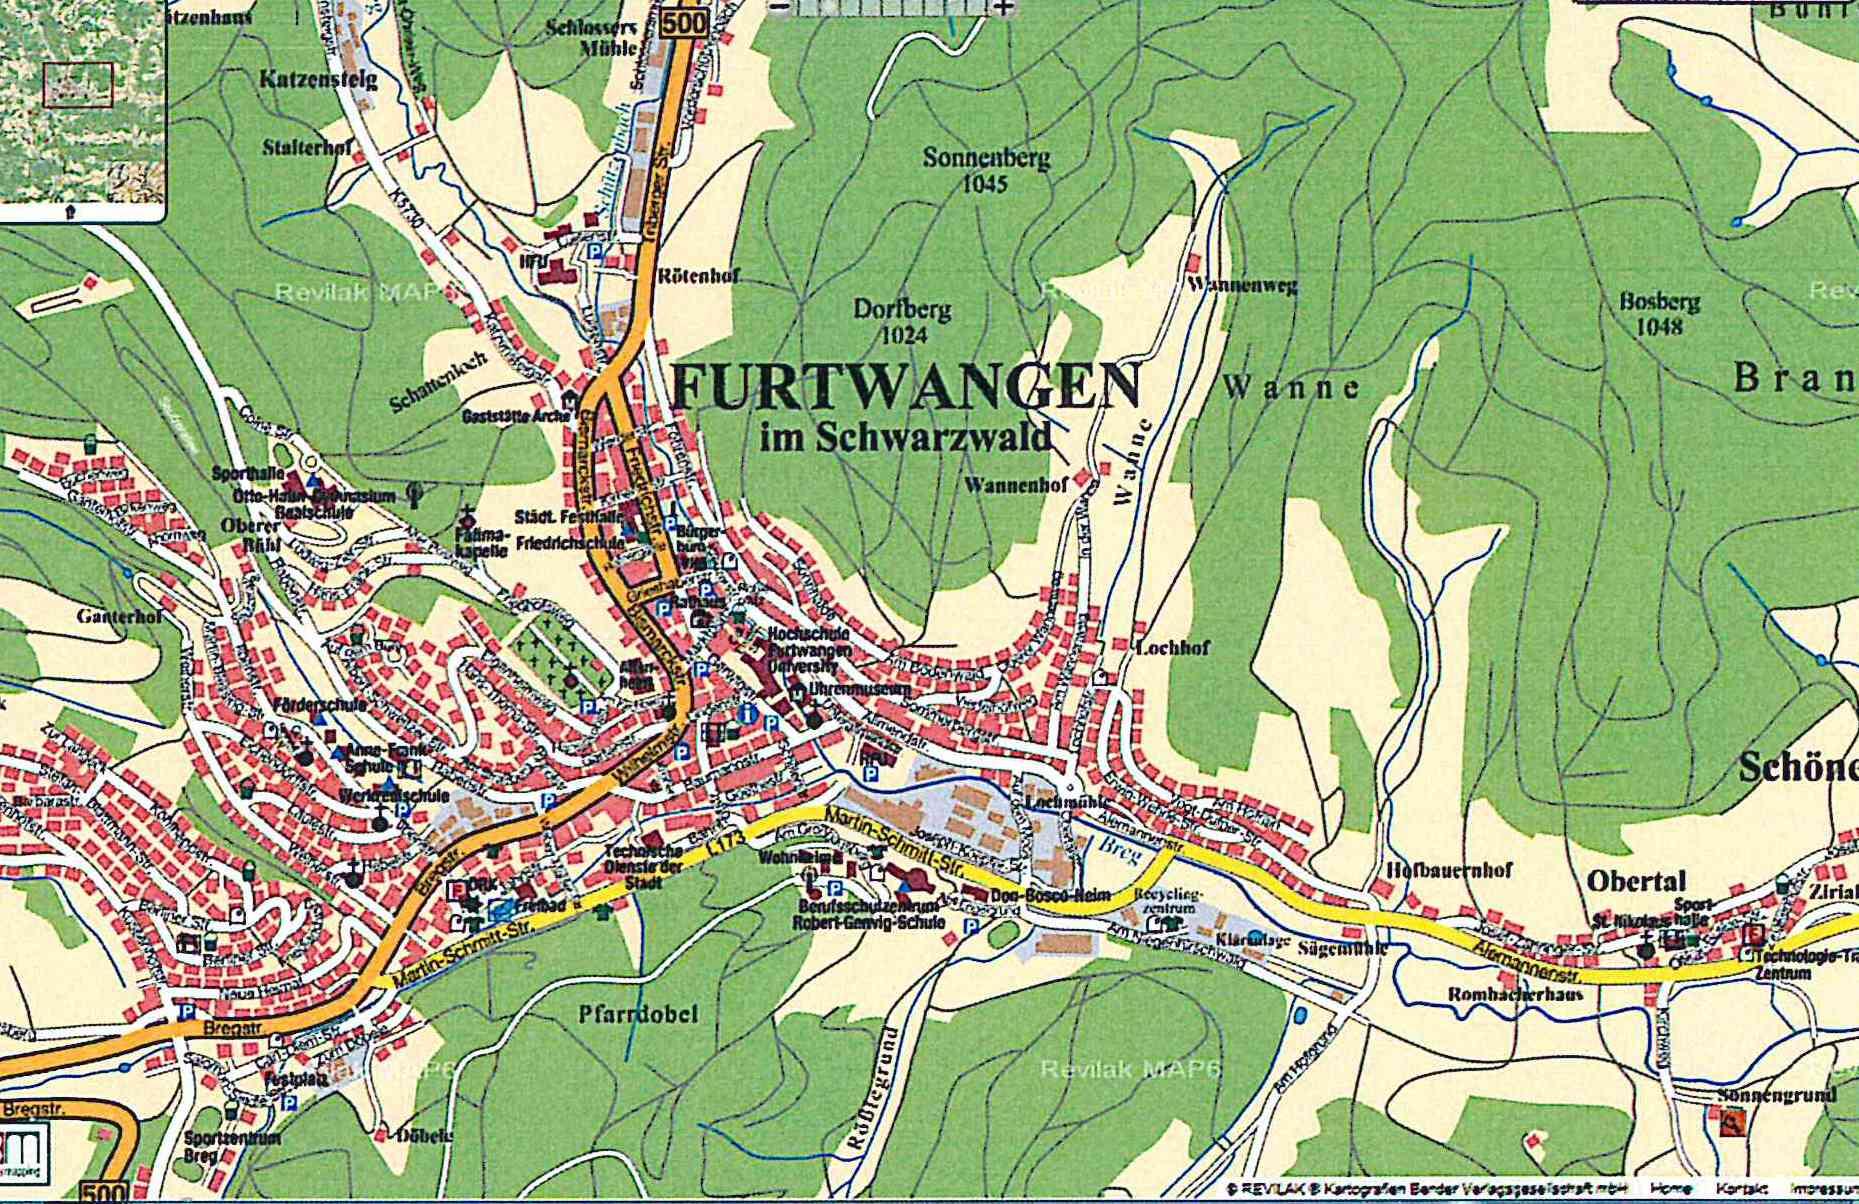 Furtwangen im Schwarzwald: Stadtplan